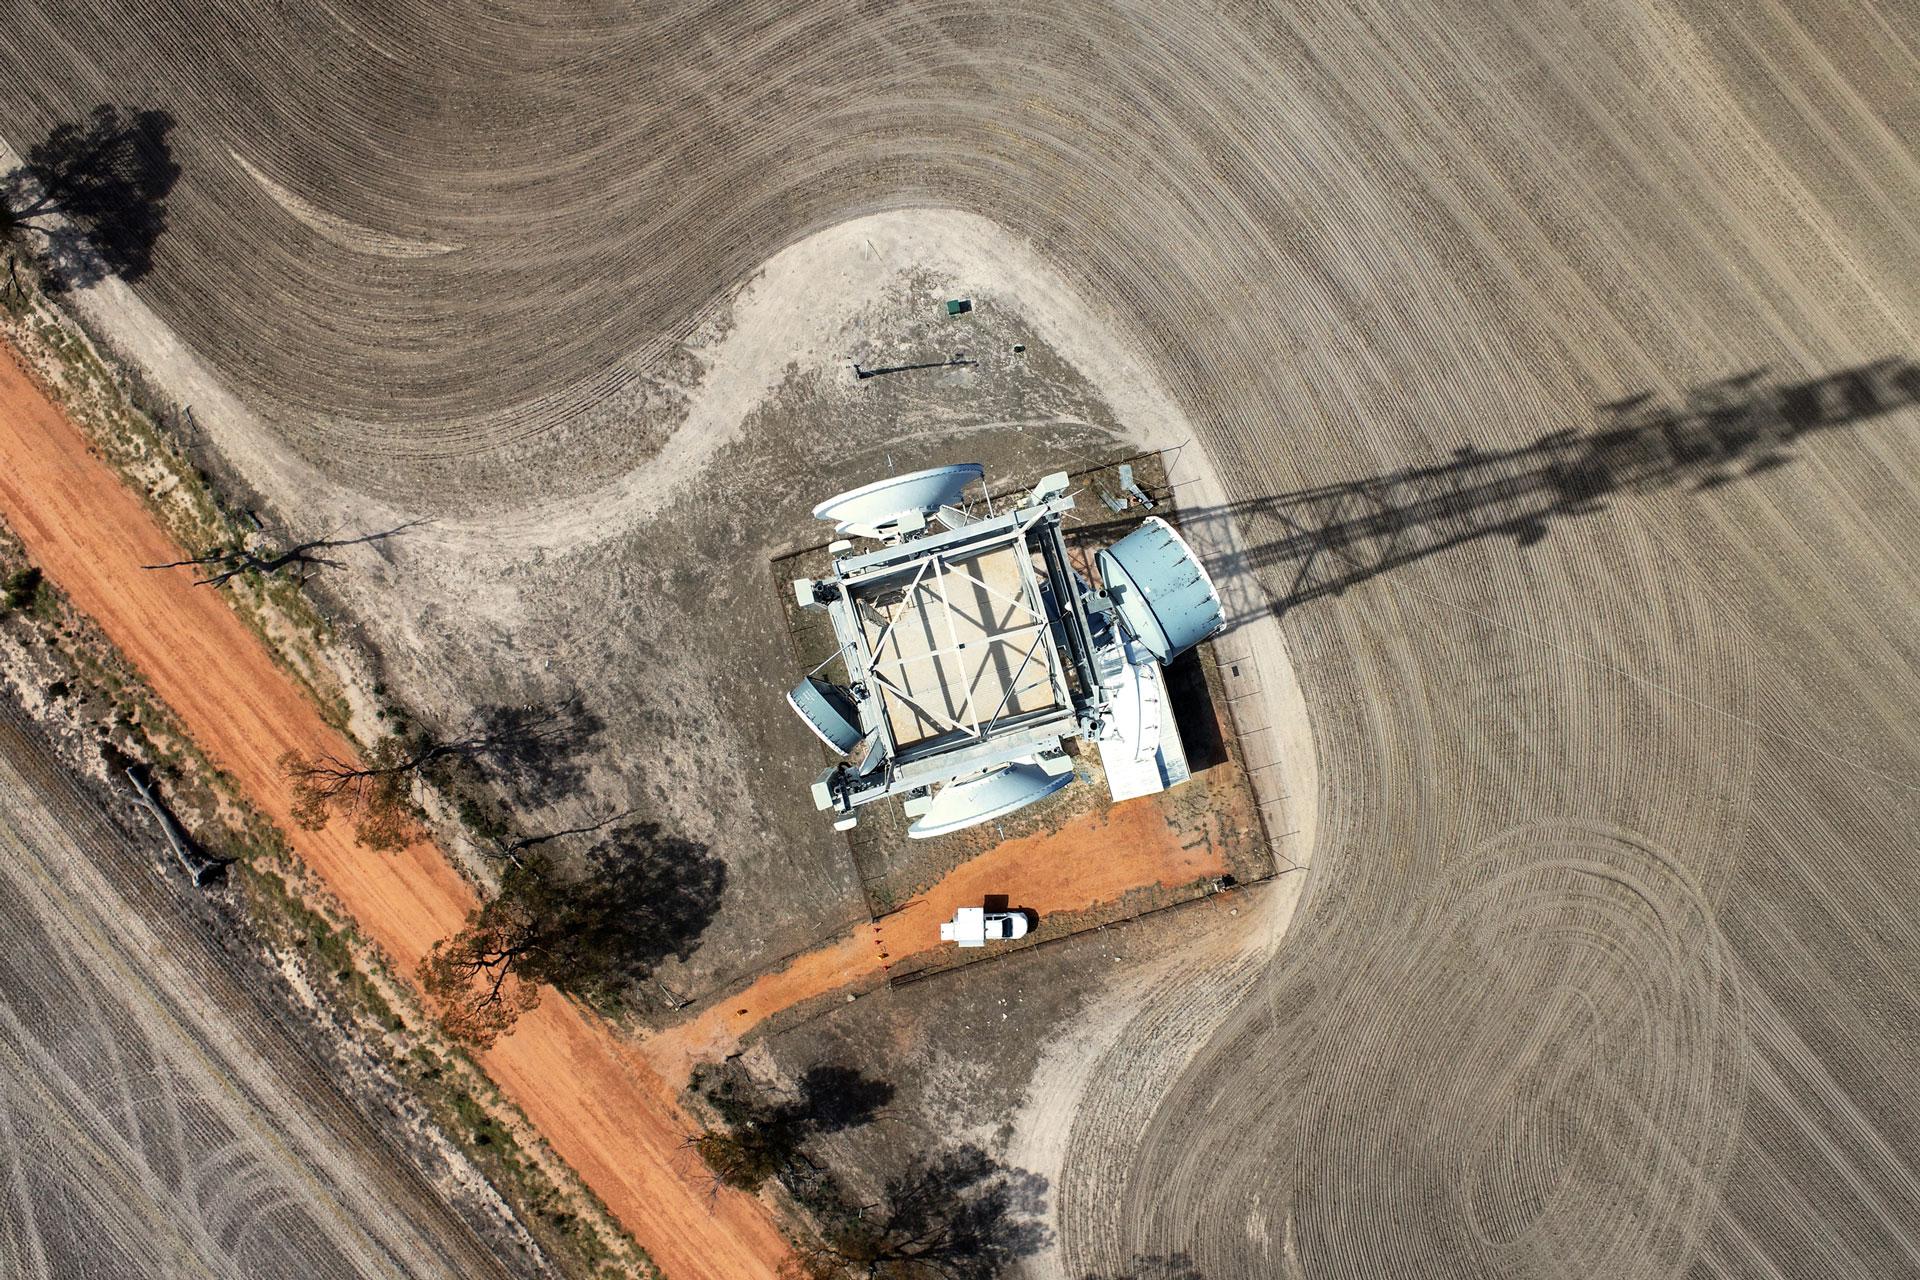 Aerial view of an Amplitel tower in regional Australia